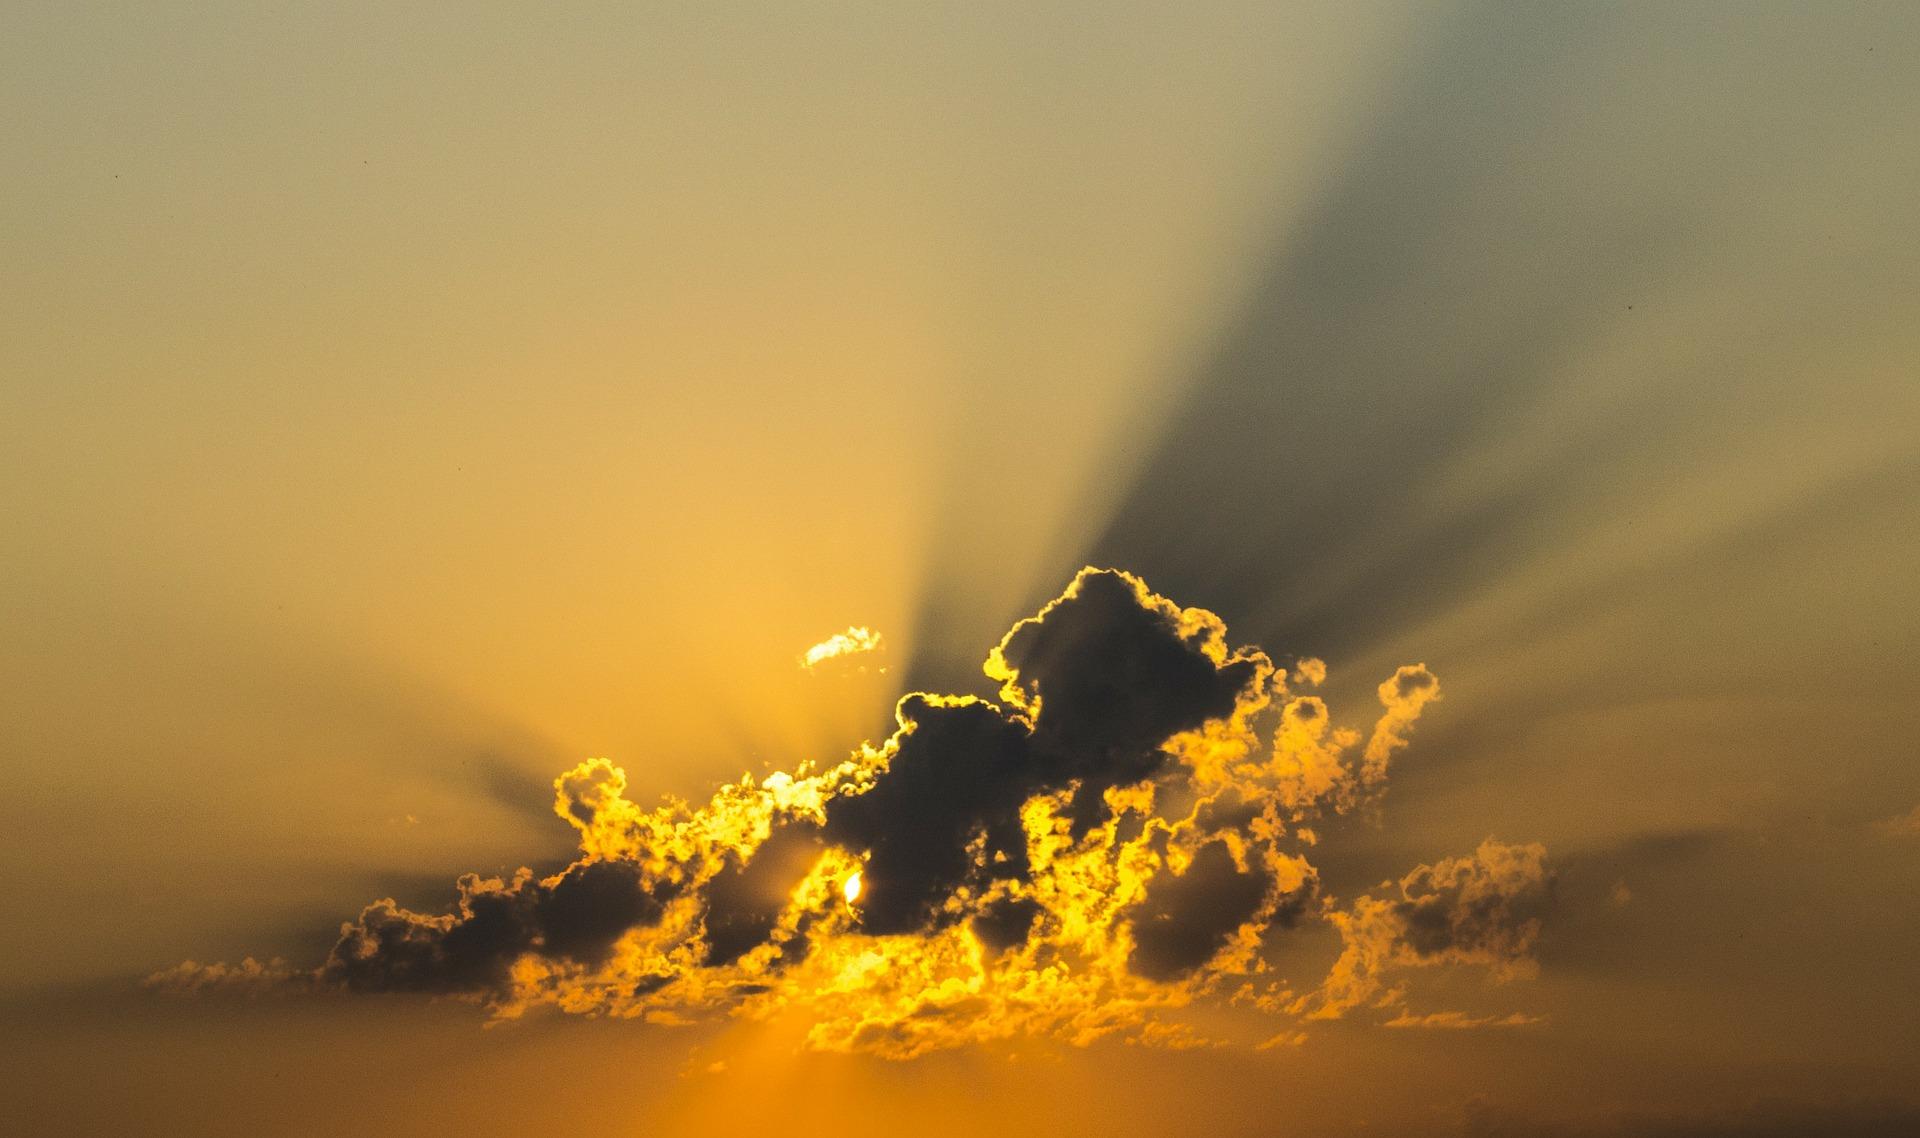 cloud-143152_1920.jpg